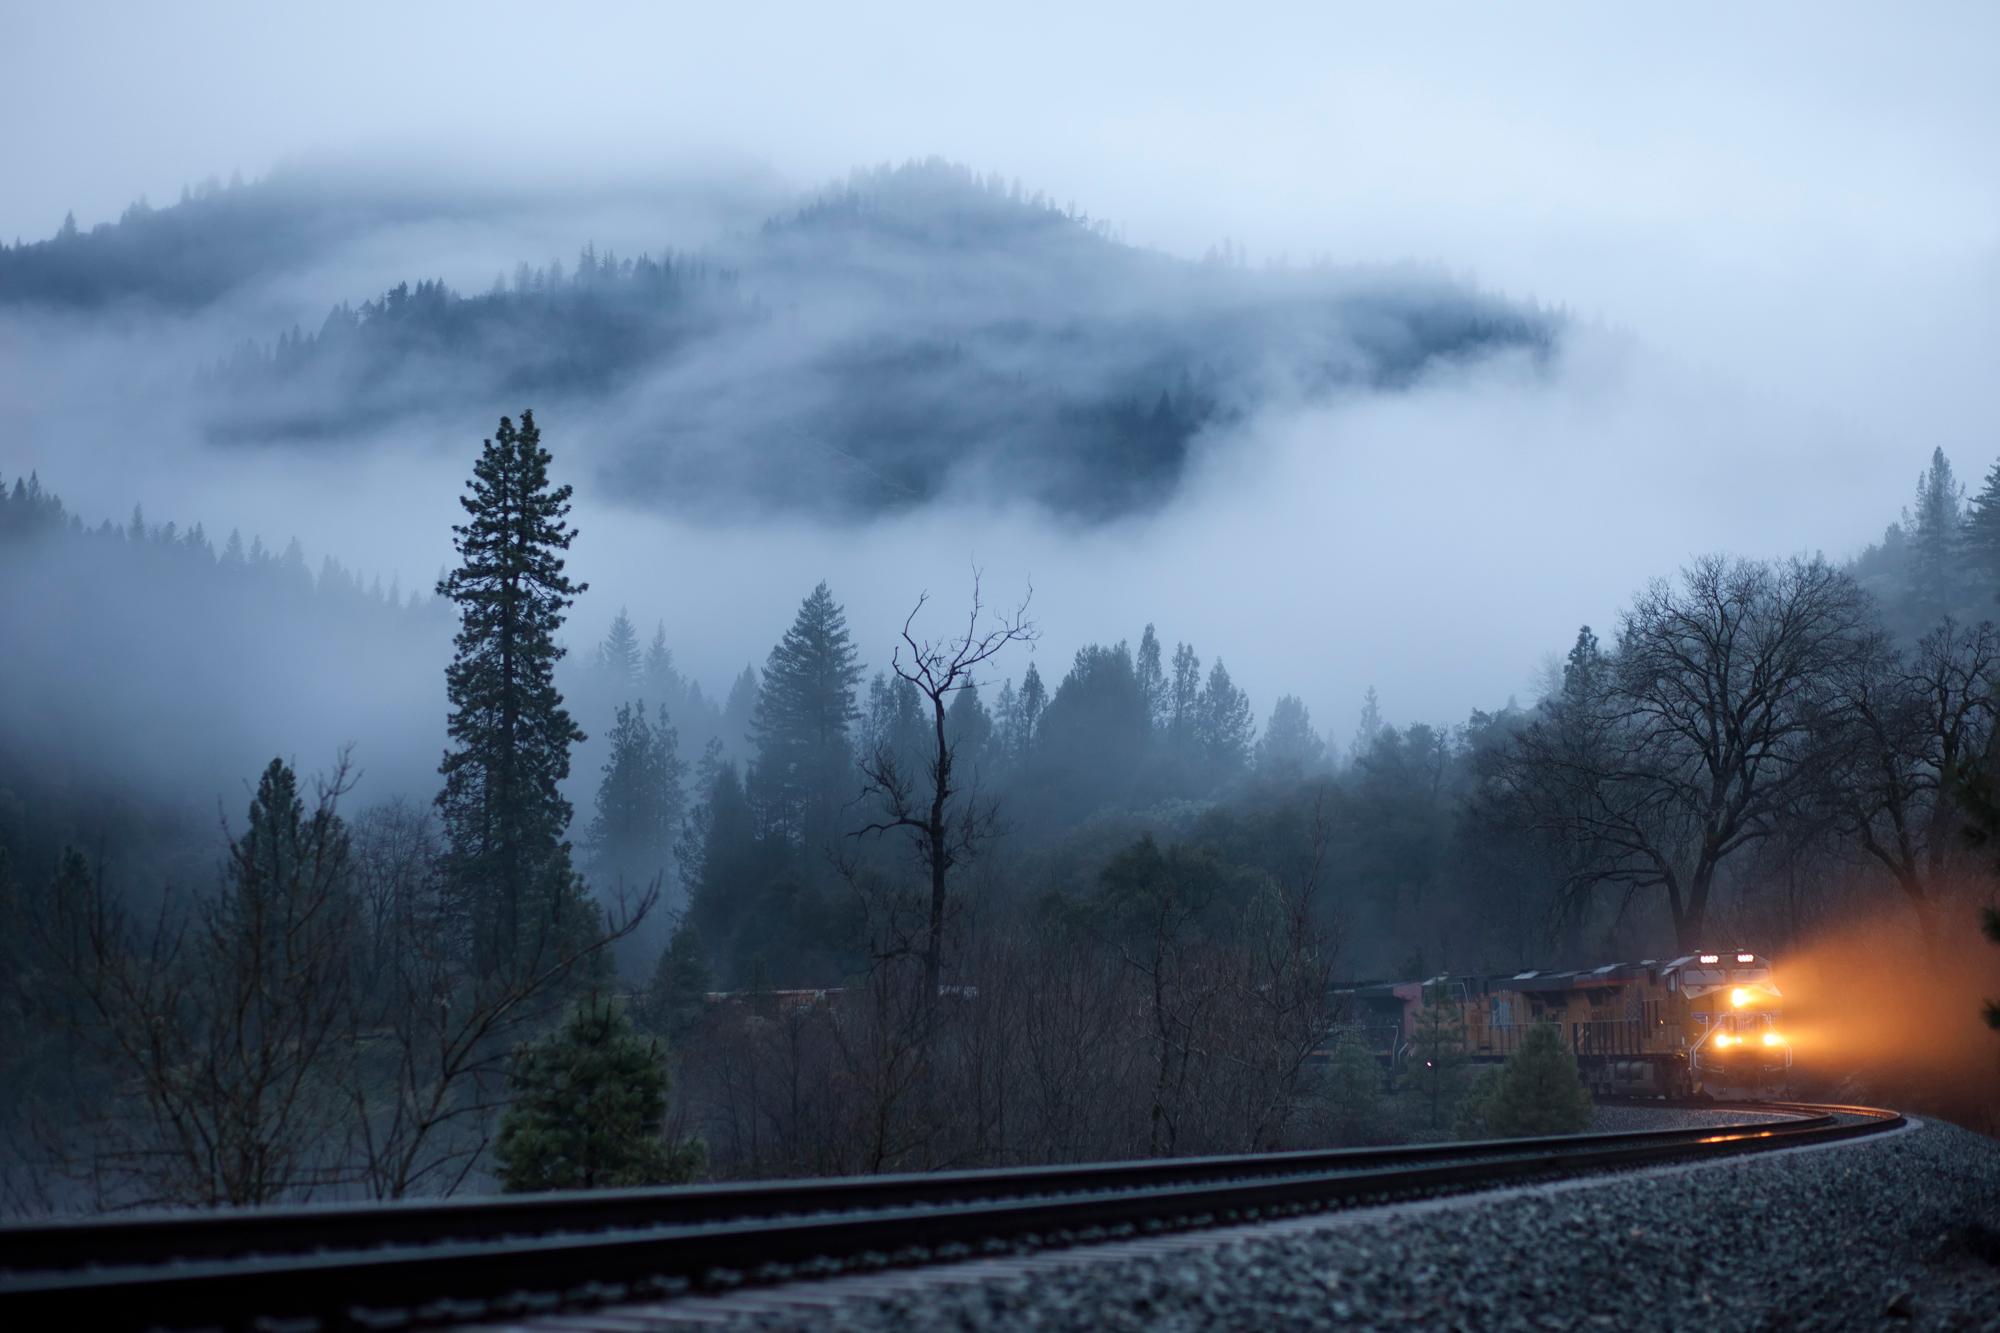 обои для рабочего стола железная дорога в лесу зимой № 231023 загрузить